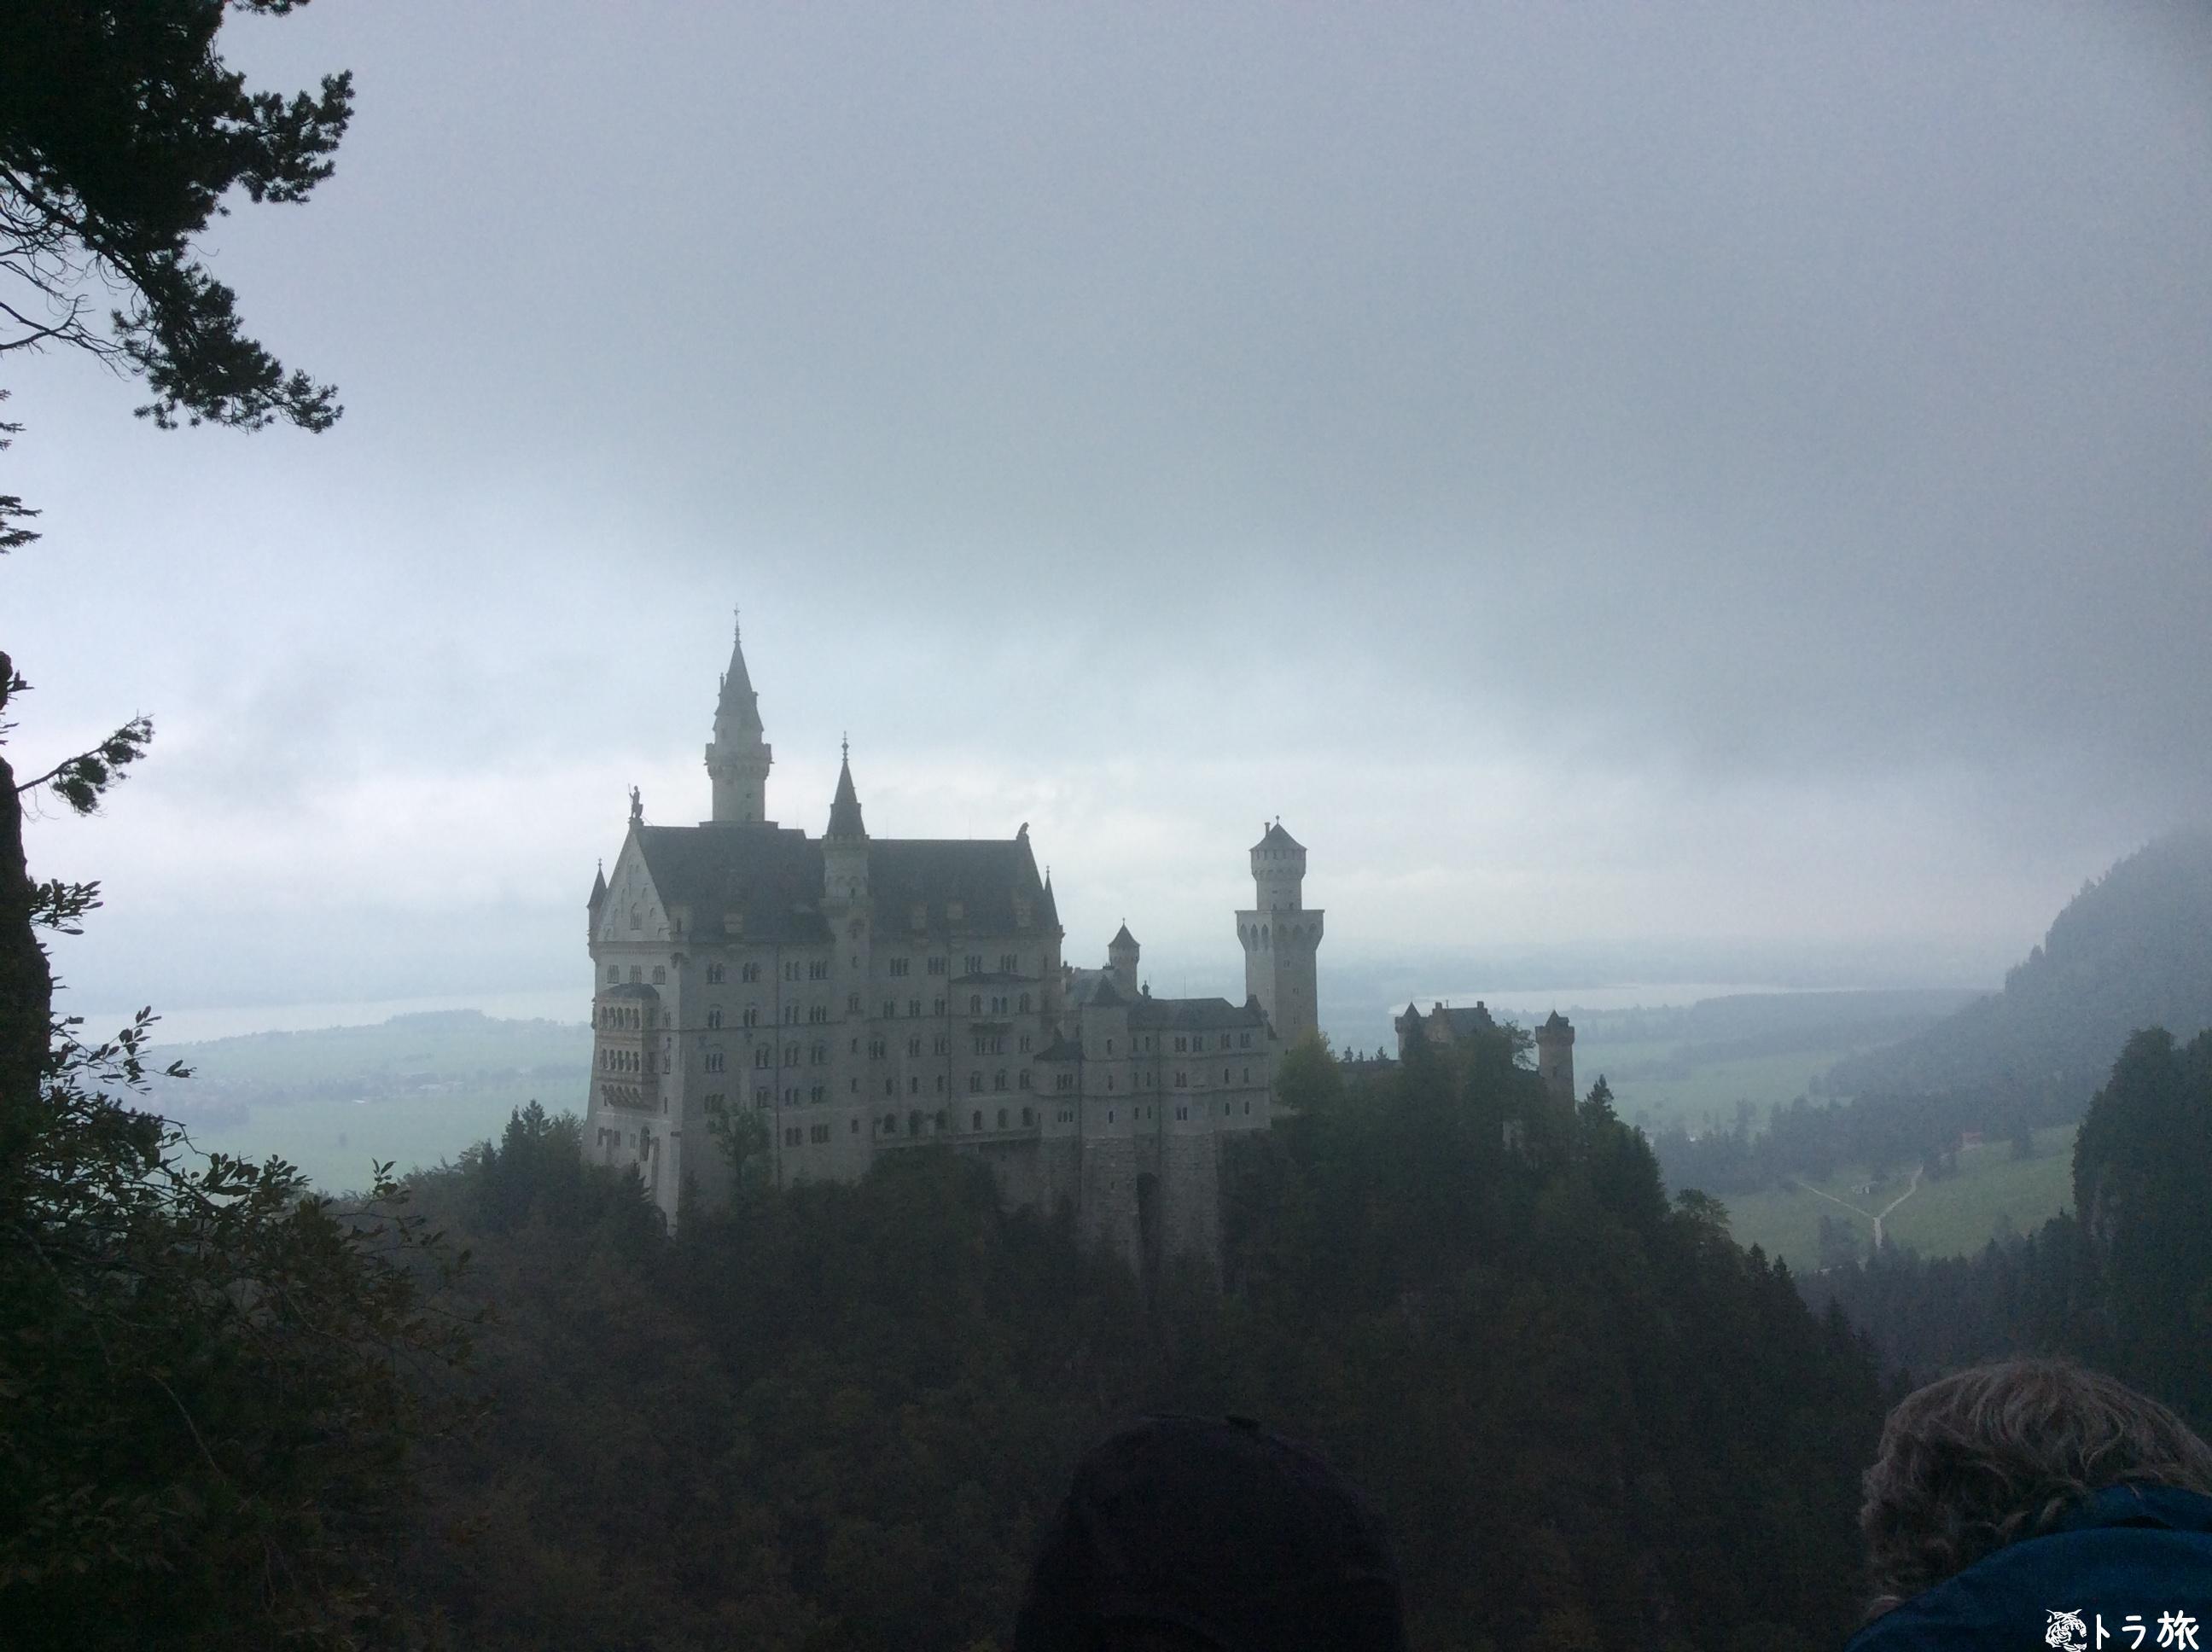 【ミュウヘン】噛まずに言えないノイシュバンシュタイン城に行ってみた【ドイツ】